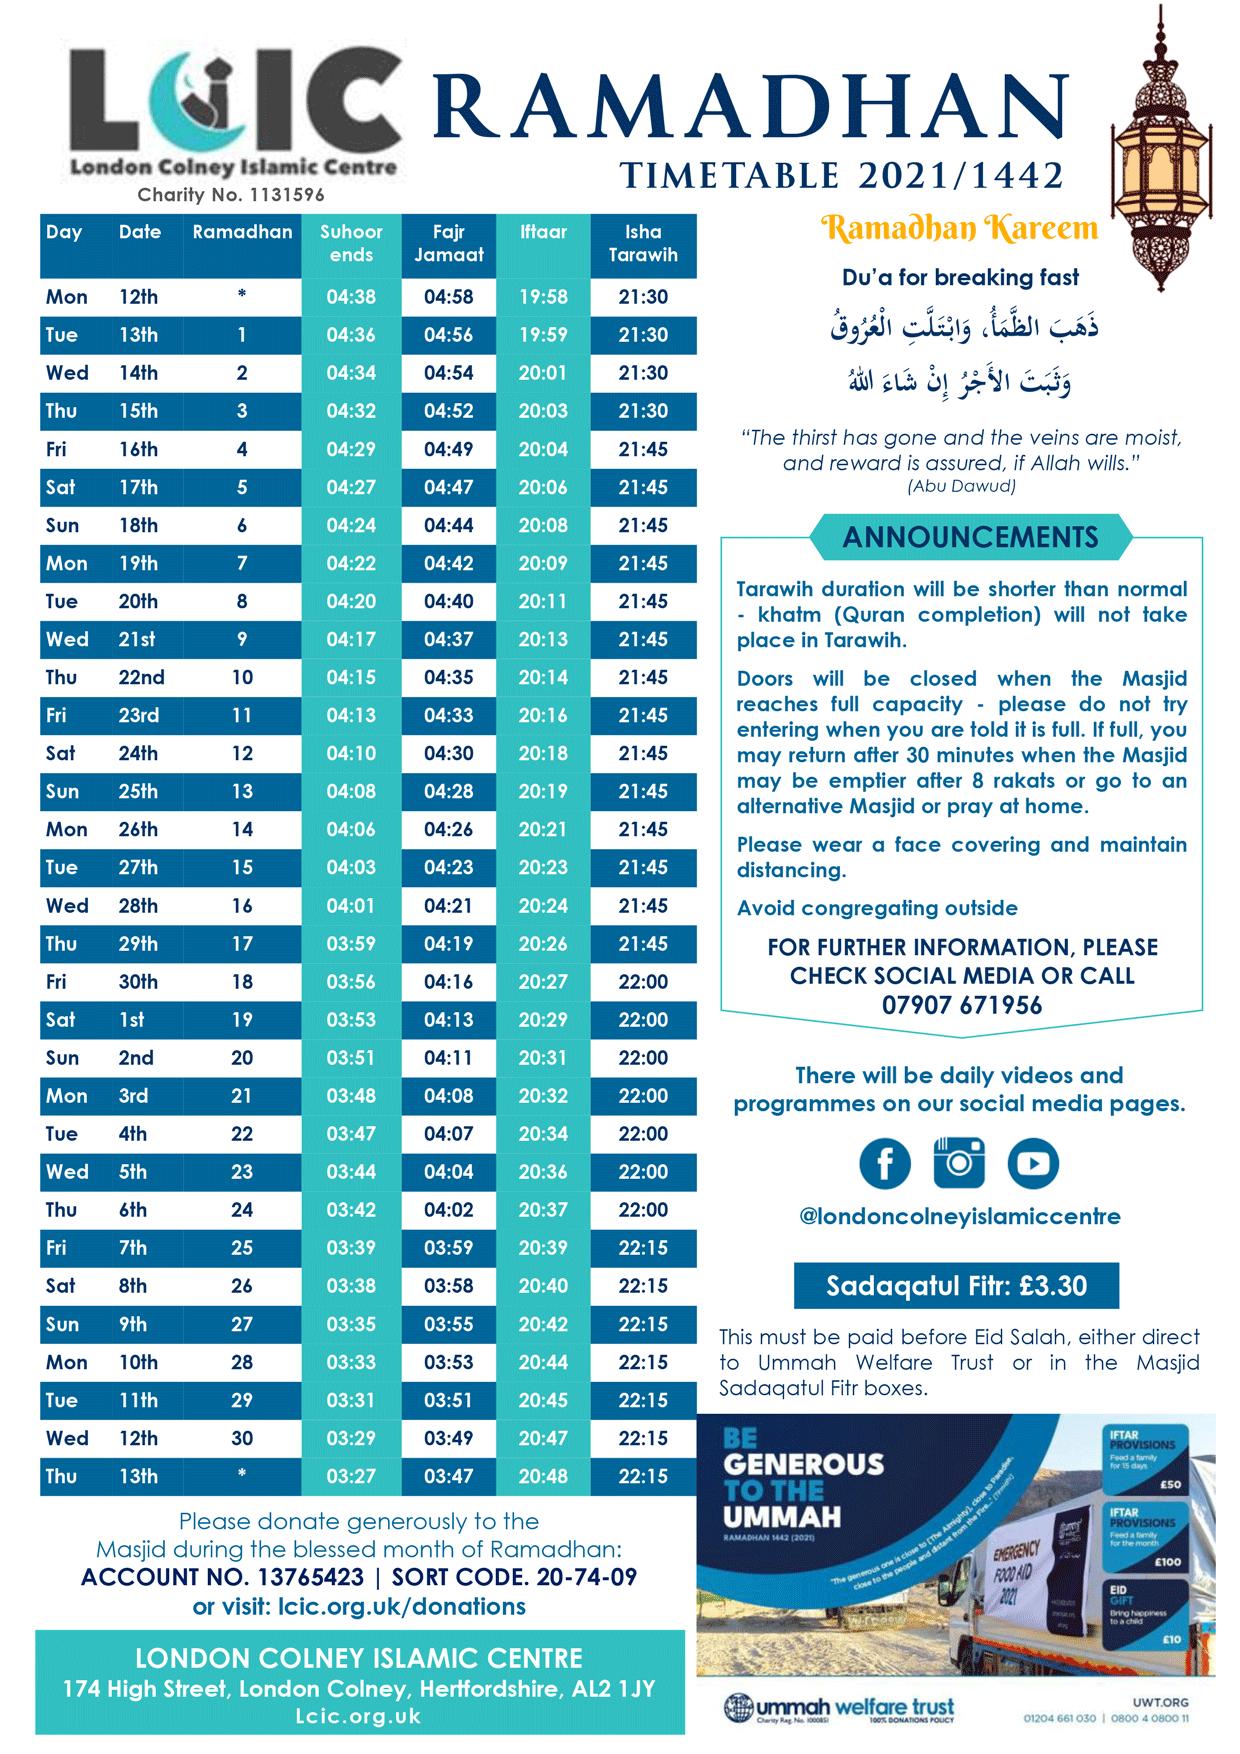 LCIC Ramadan 2021